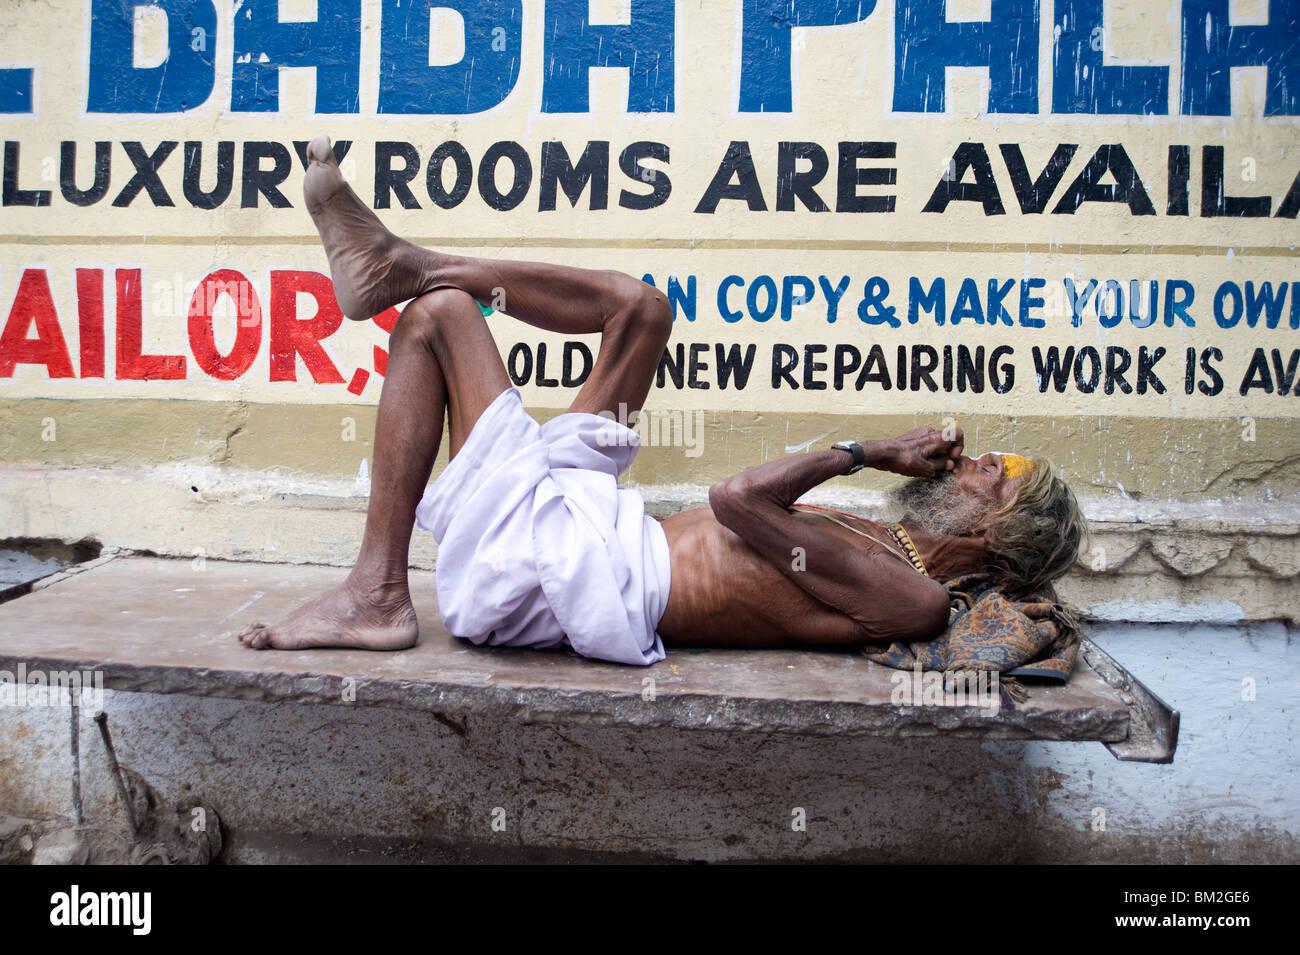 Holy man (Saddhu) resting on a marble slab, Udaipur, Rajasthan, India - Stock Image